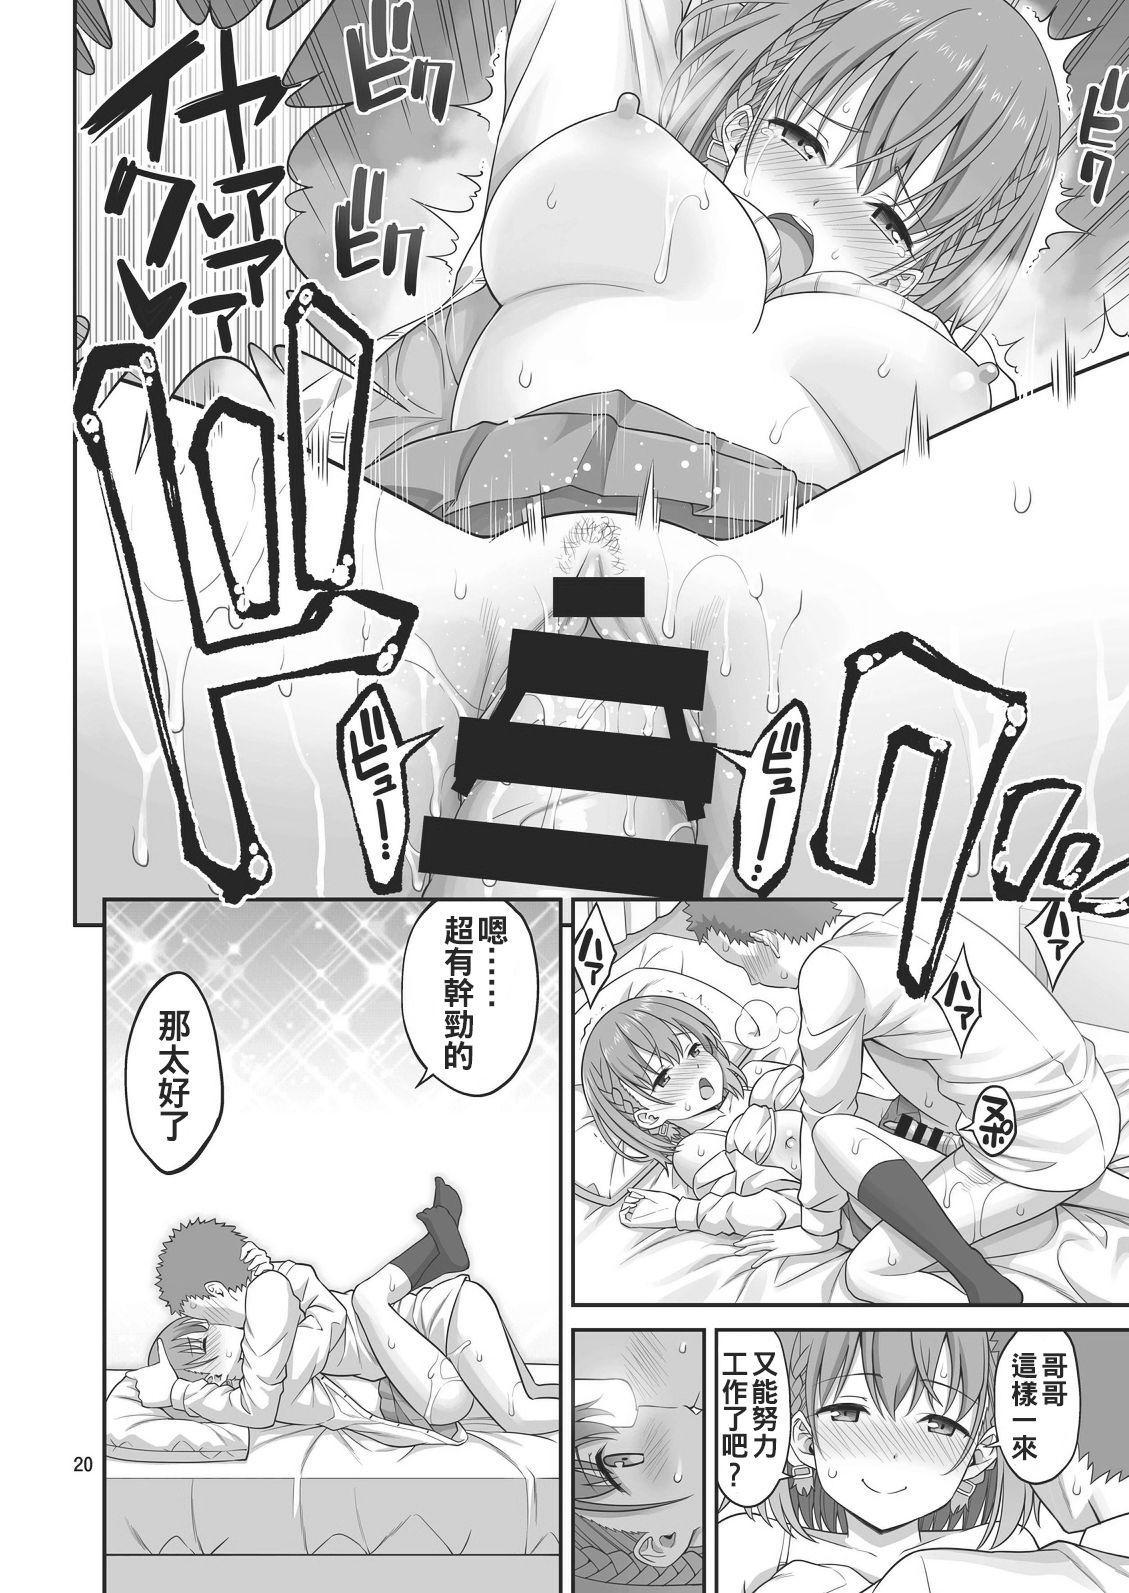 Ai LOVE Tawawa 20